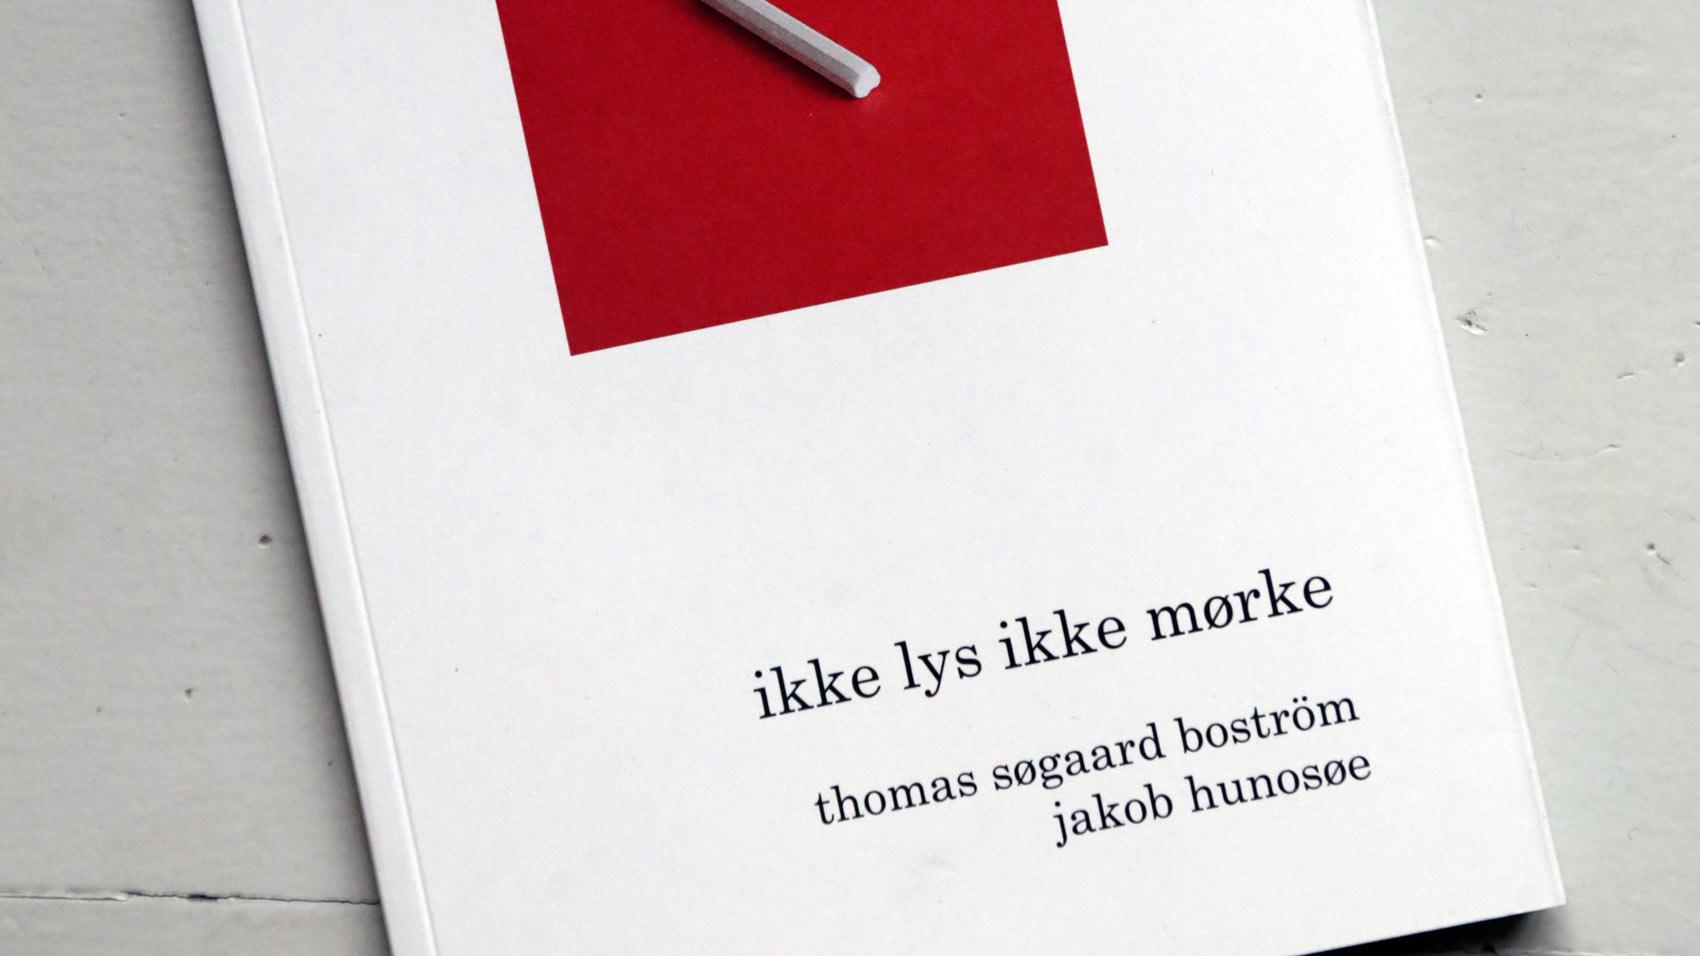 Boström, Thomas & Jakob Hunosøe. Ikke lys, ikke mørke